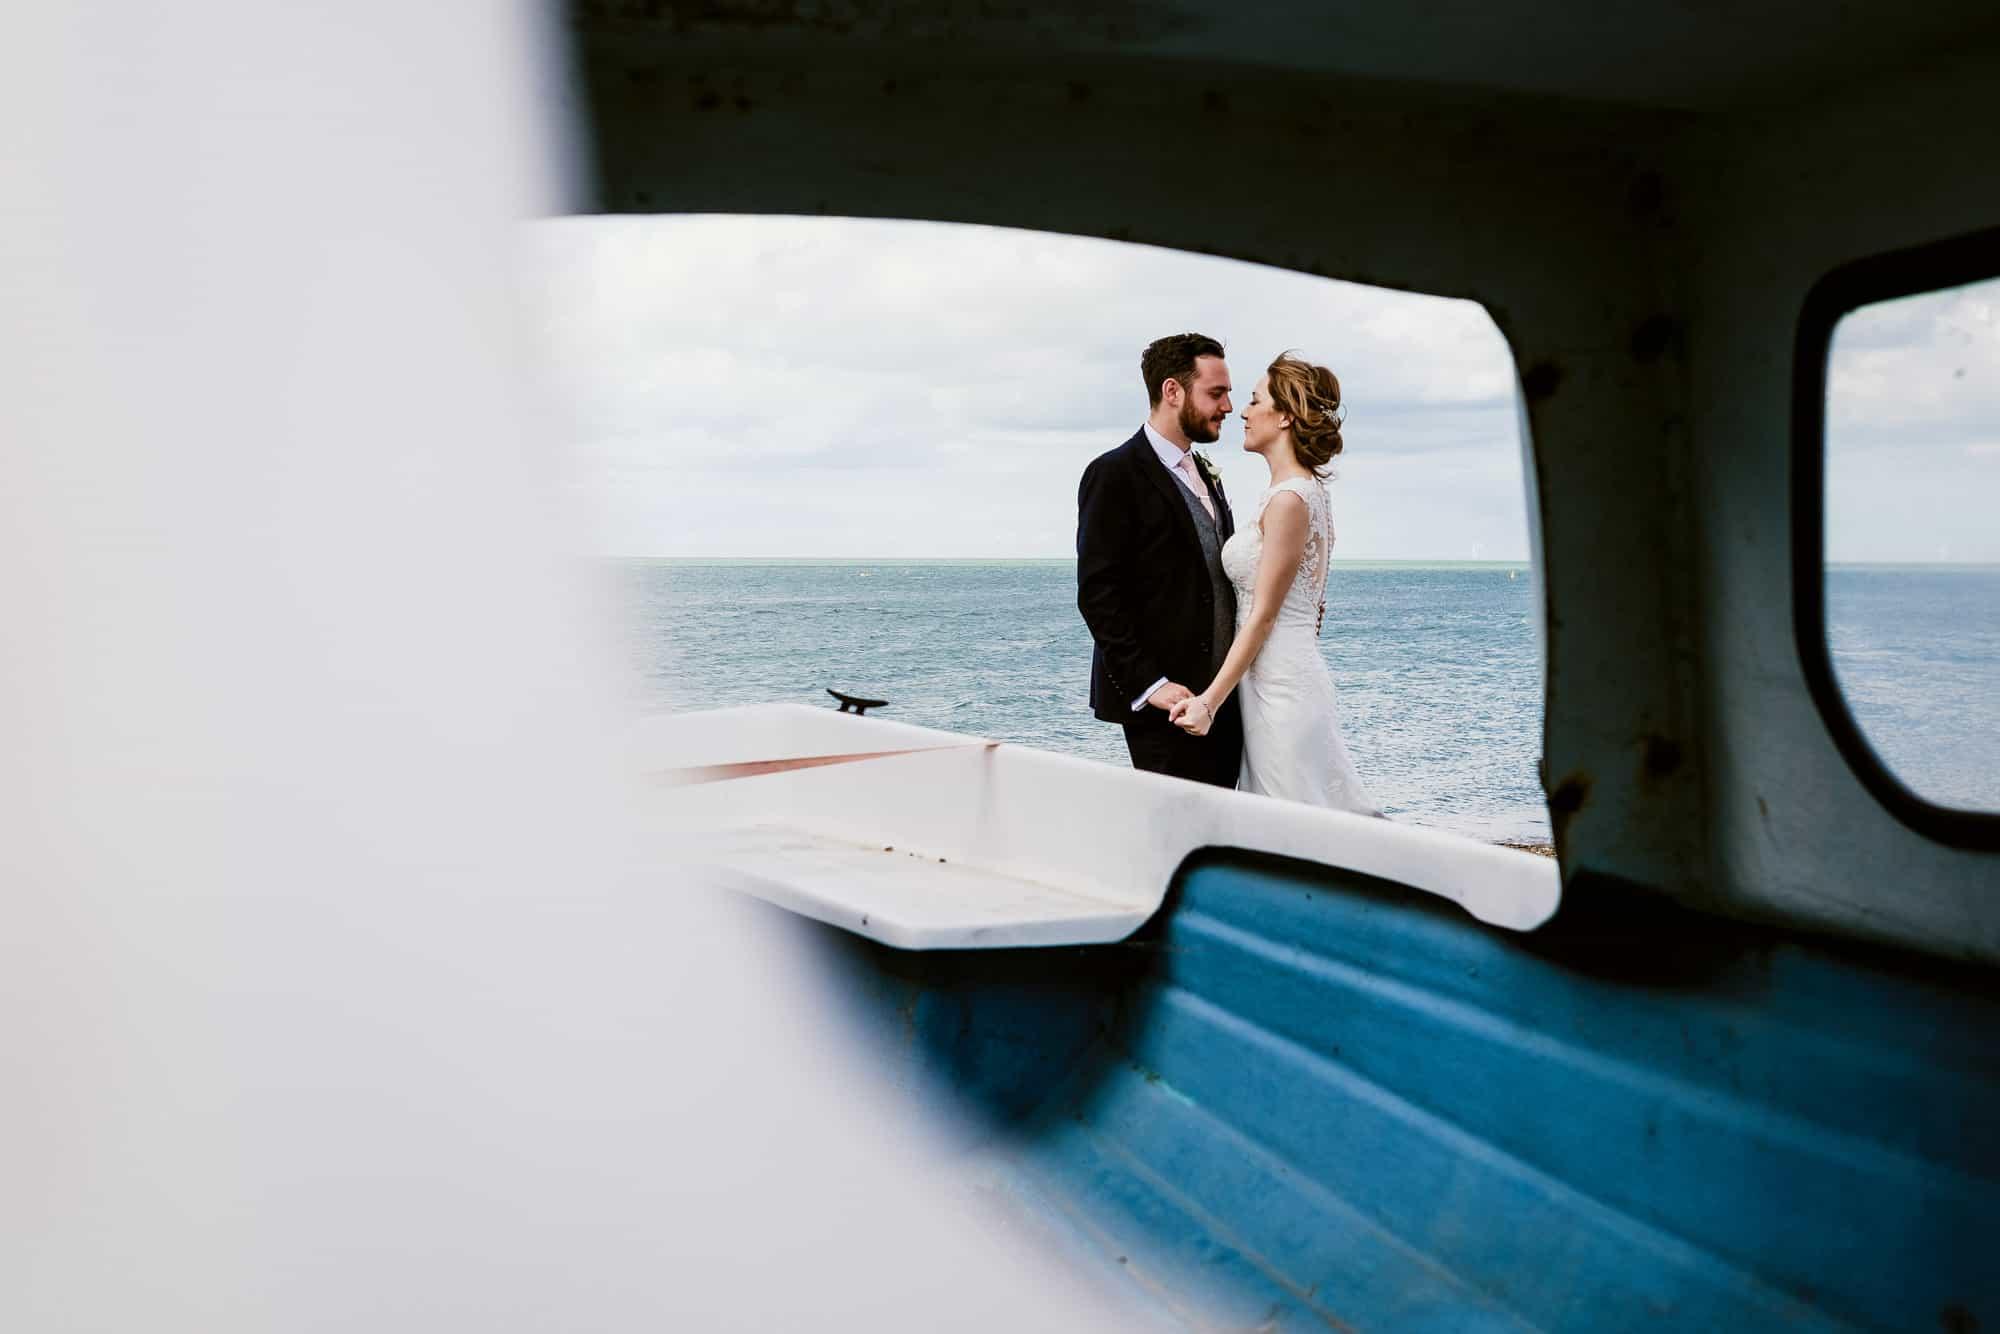 east-quay-wedding-photographer-matt-tyler-0043